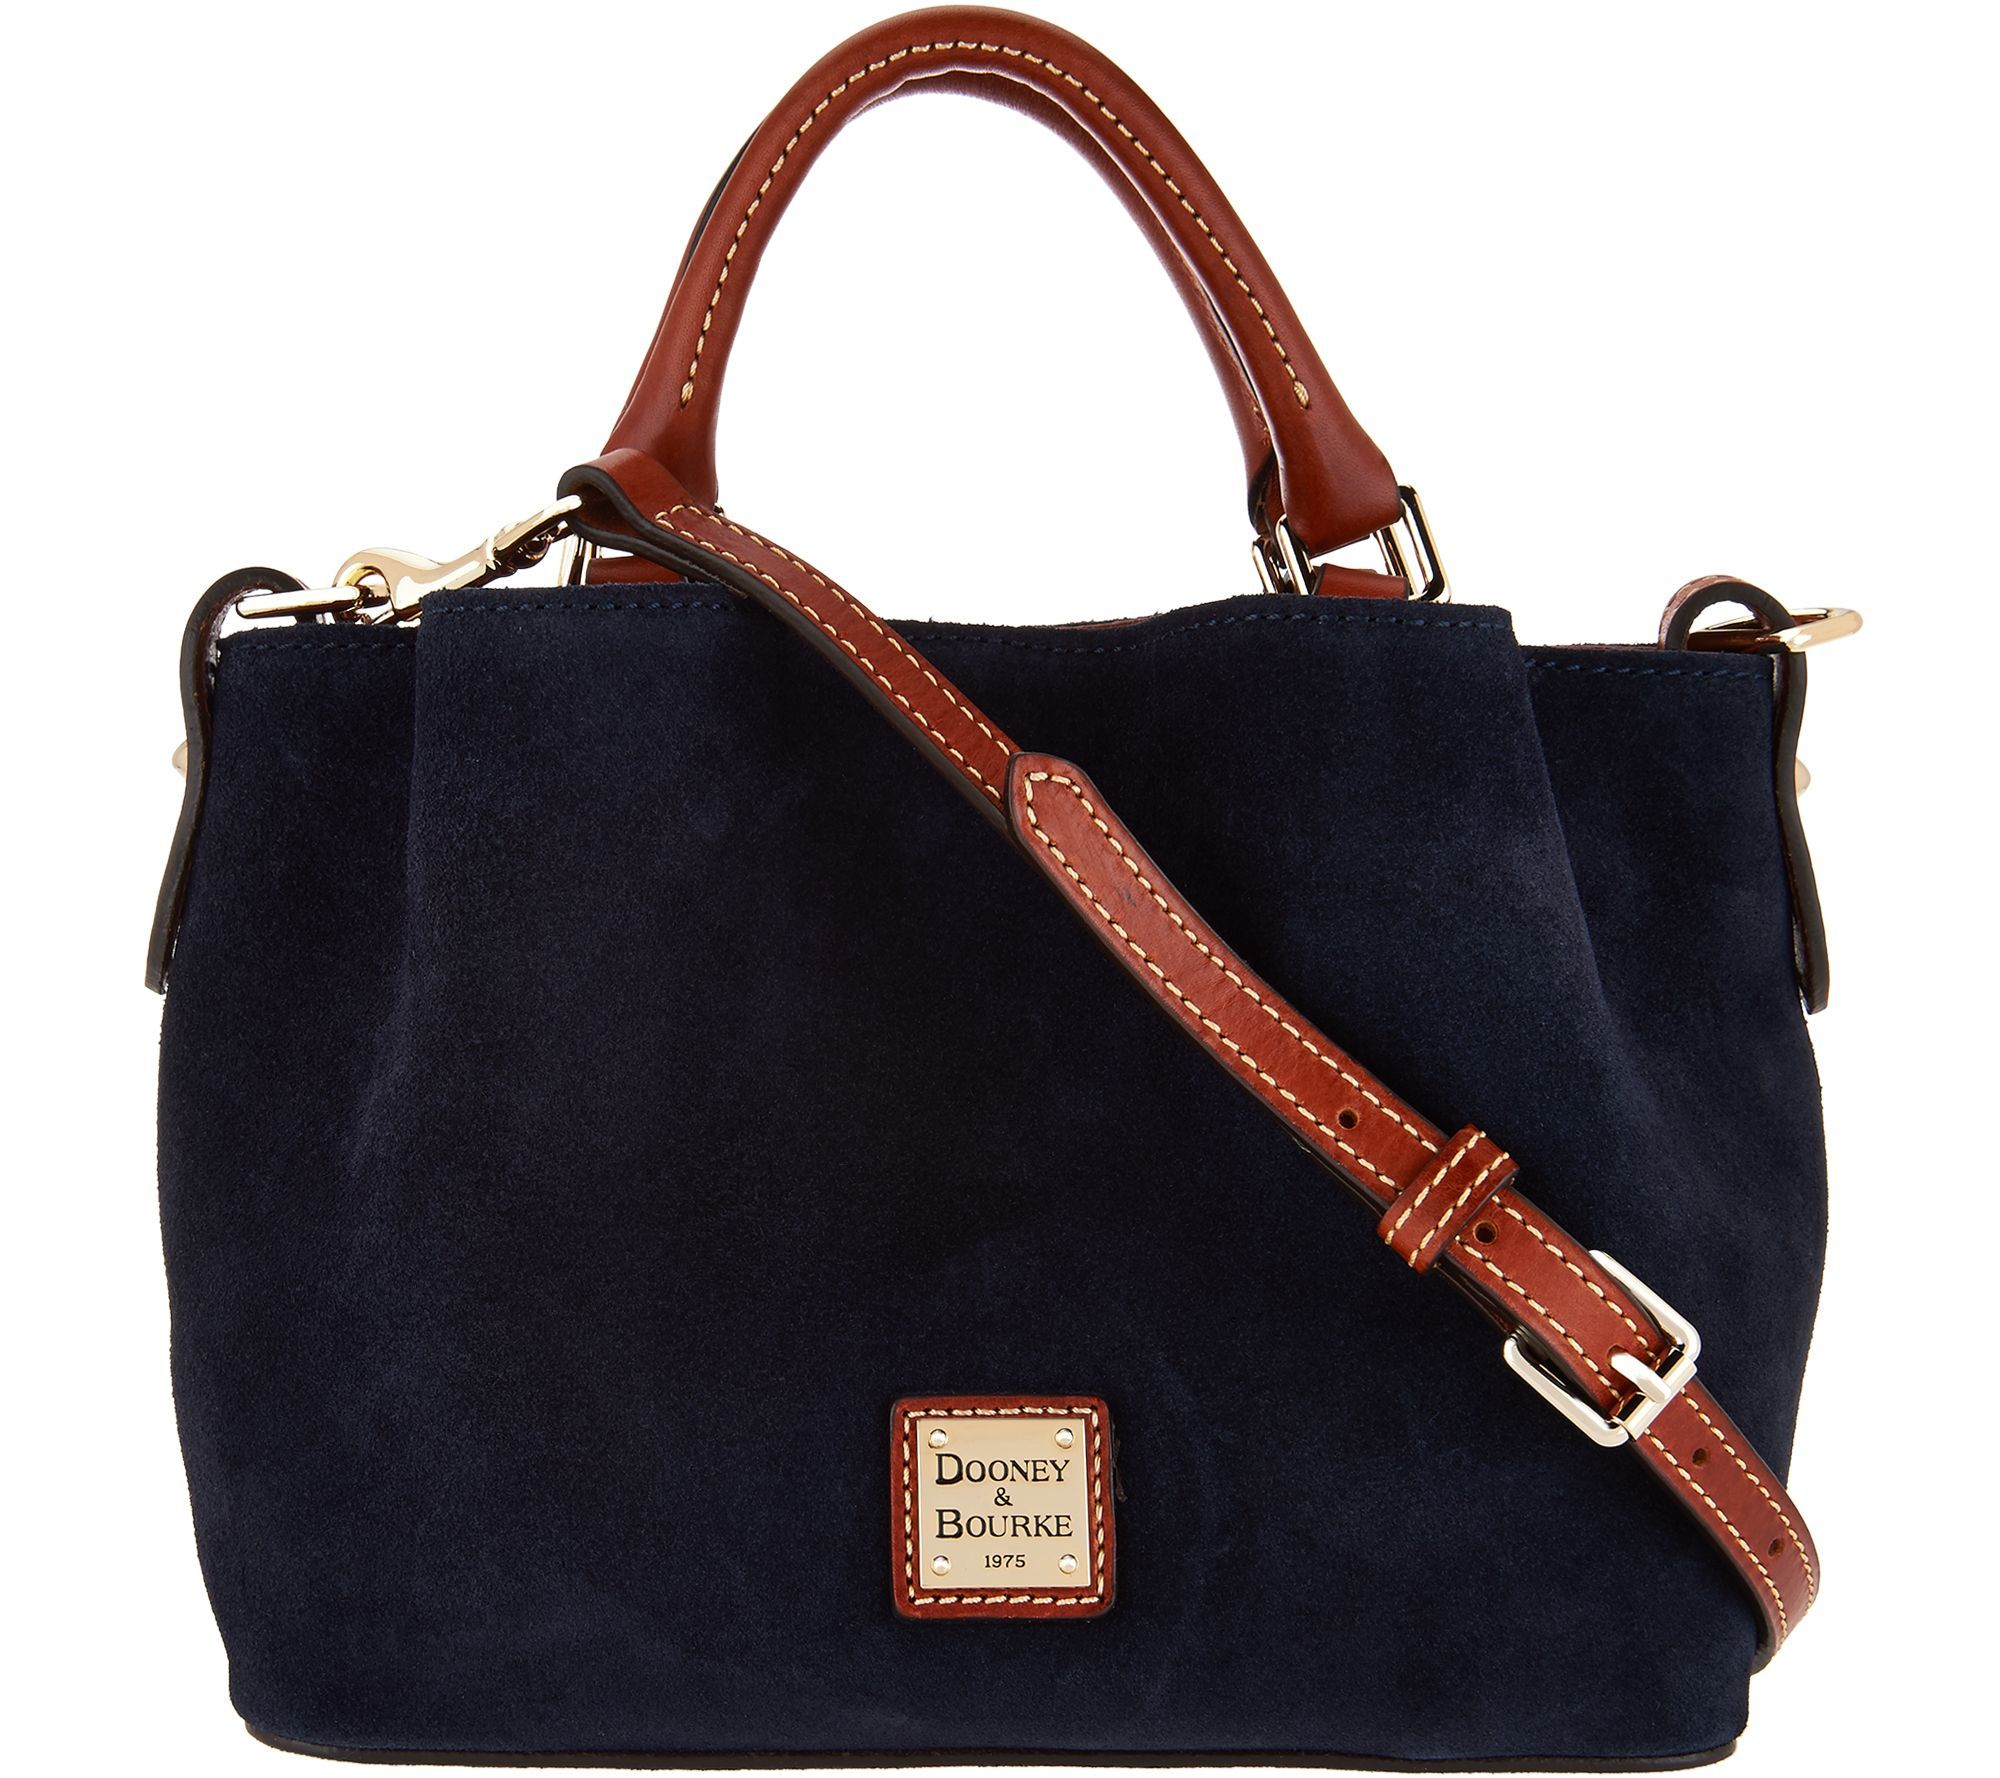 5bccf9e37fb Dooney   Bourke Suede Mini Barlow Handbag - Page 1 — QVC.com